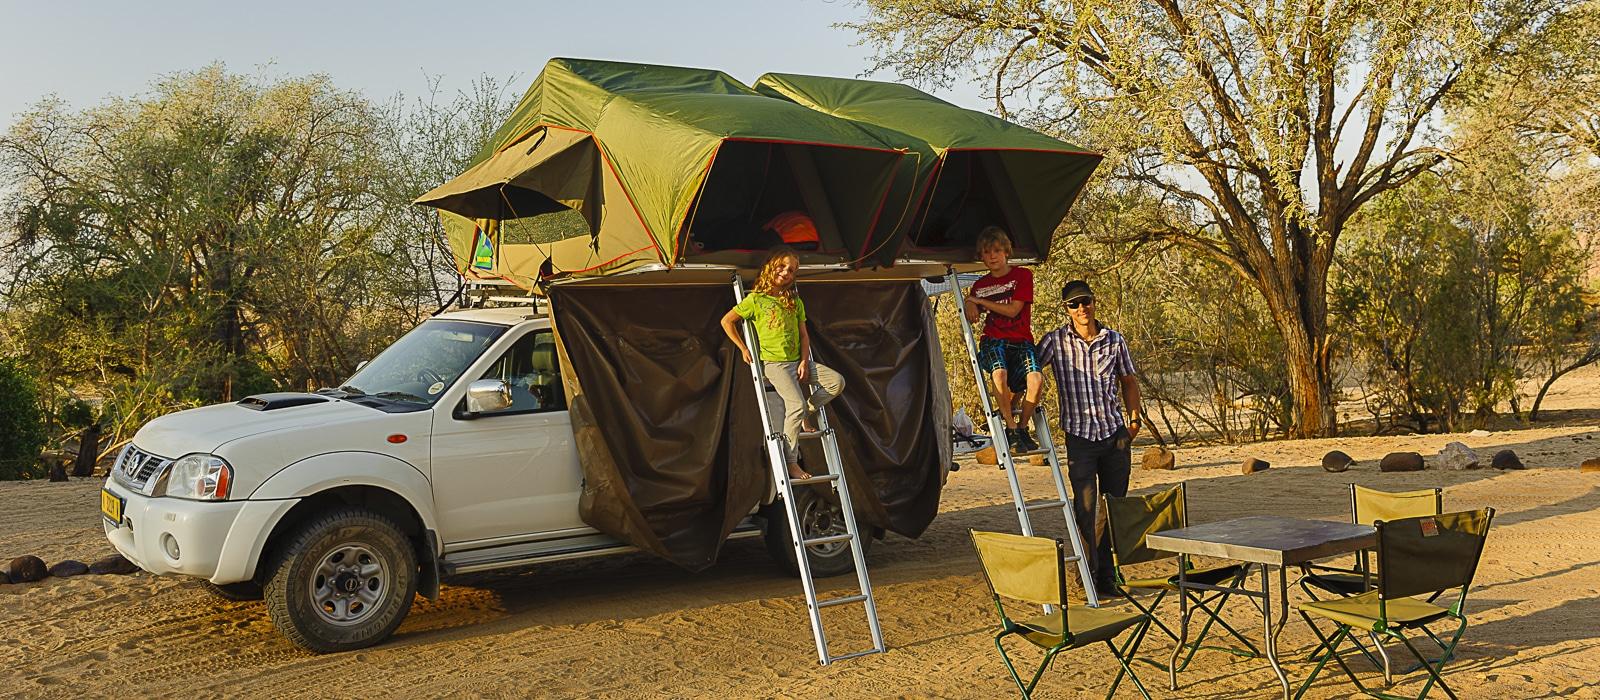 img-diapo-entete - Namibie-1600x700-2-1.jpg